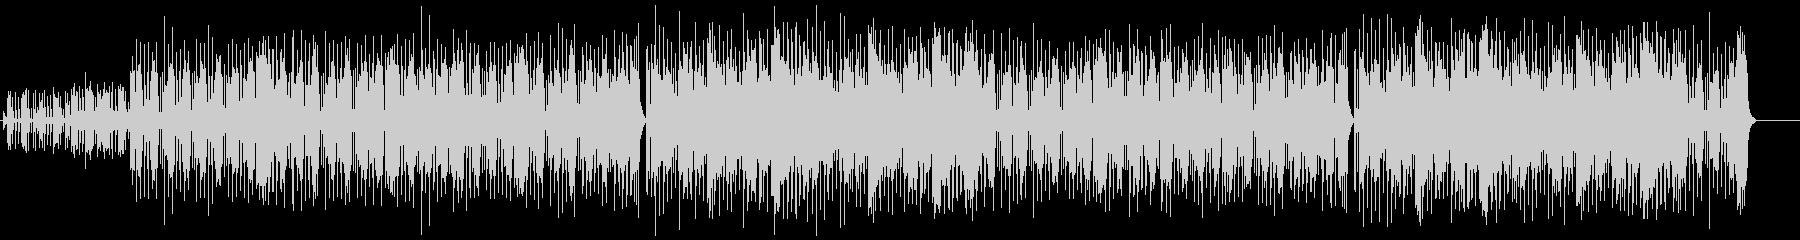 快適グルーヴのスタンダード・フュージョンの未再生の波形